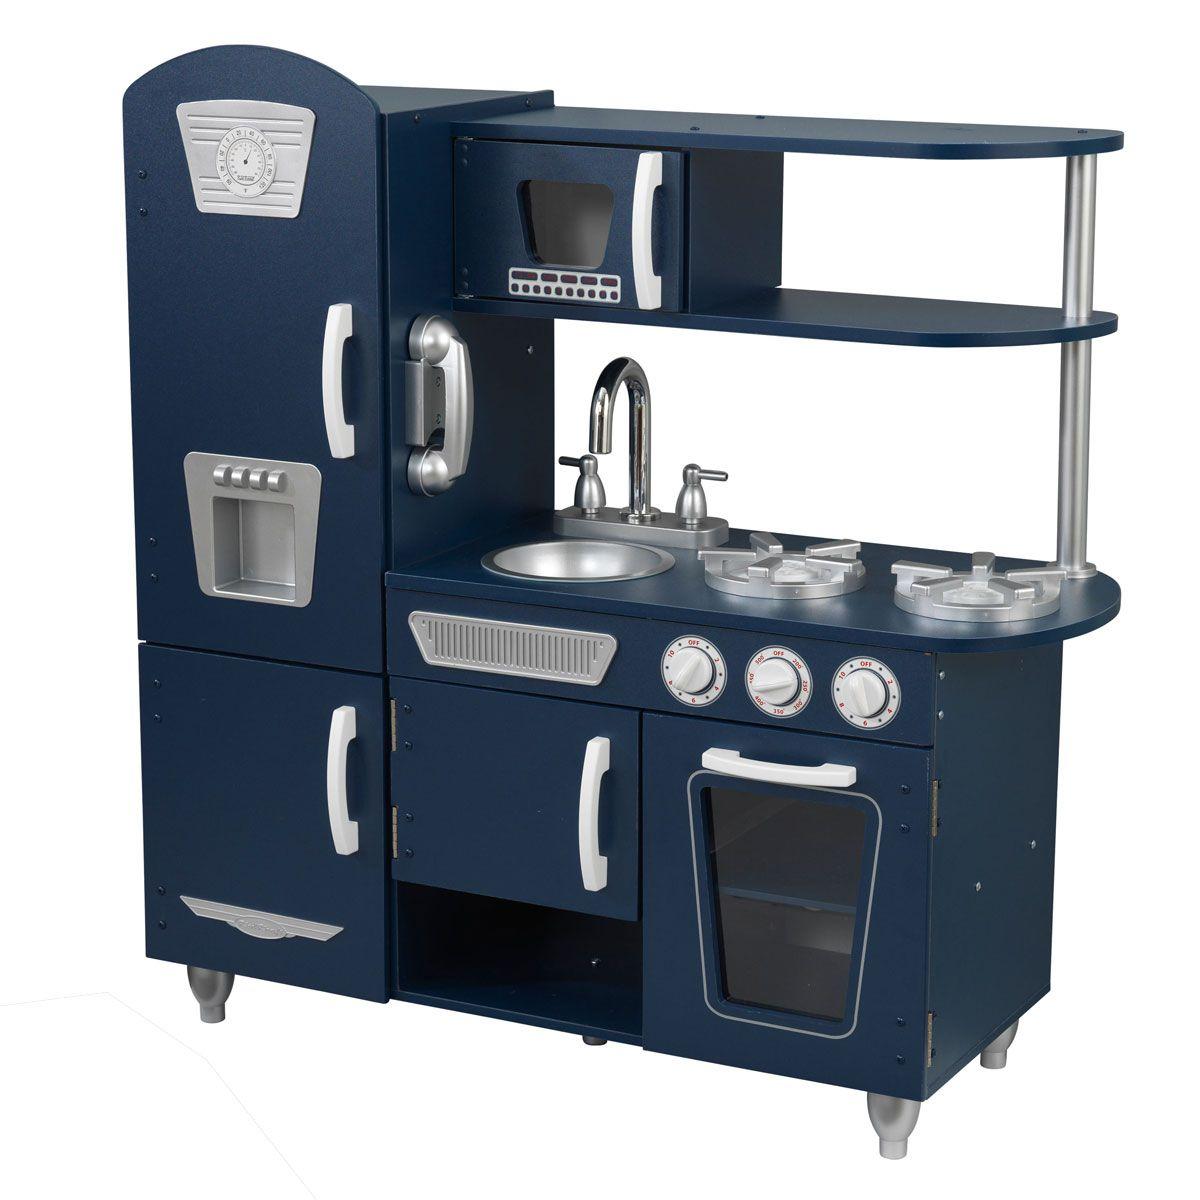 Retro Küche kidkraft marineblaue retro küche die türen lassen sich öffnen und